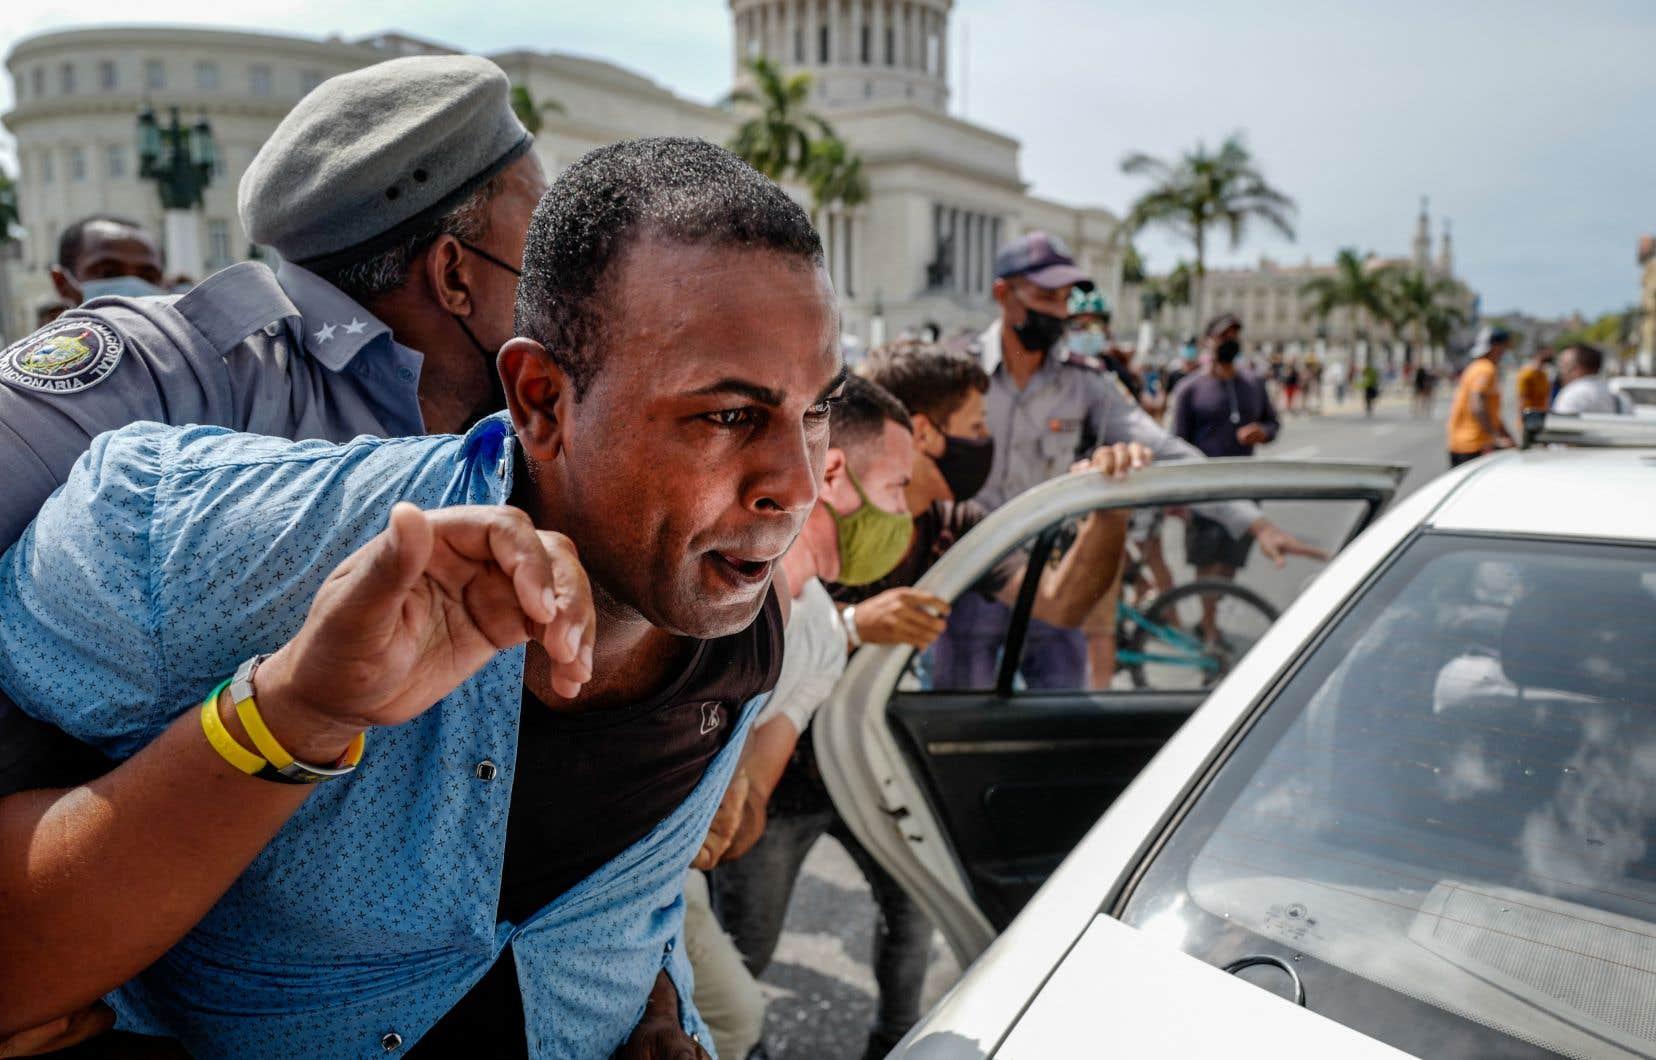 «À Cuba, les vives contestations et les manifestations des citoyens alimentent les appels à un changement de régime plus de 60ans après la révolution ayant mis fin à la dictature militaire de Batista», écrit l'auteur.